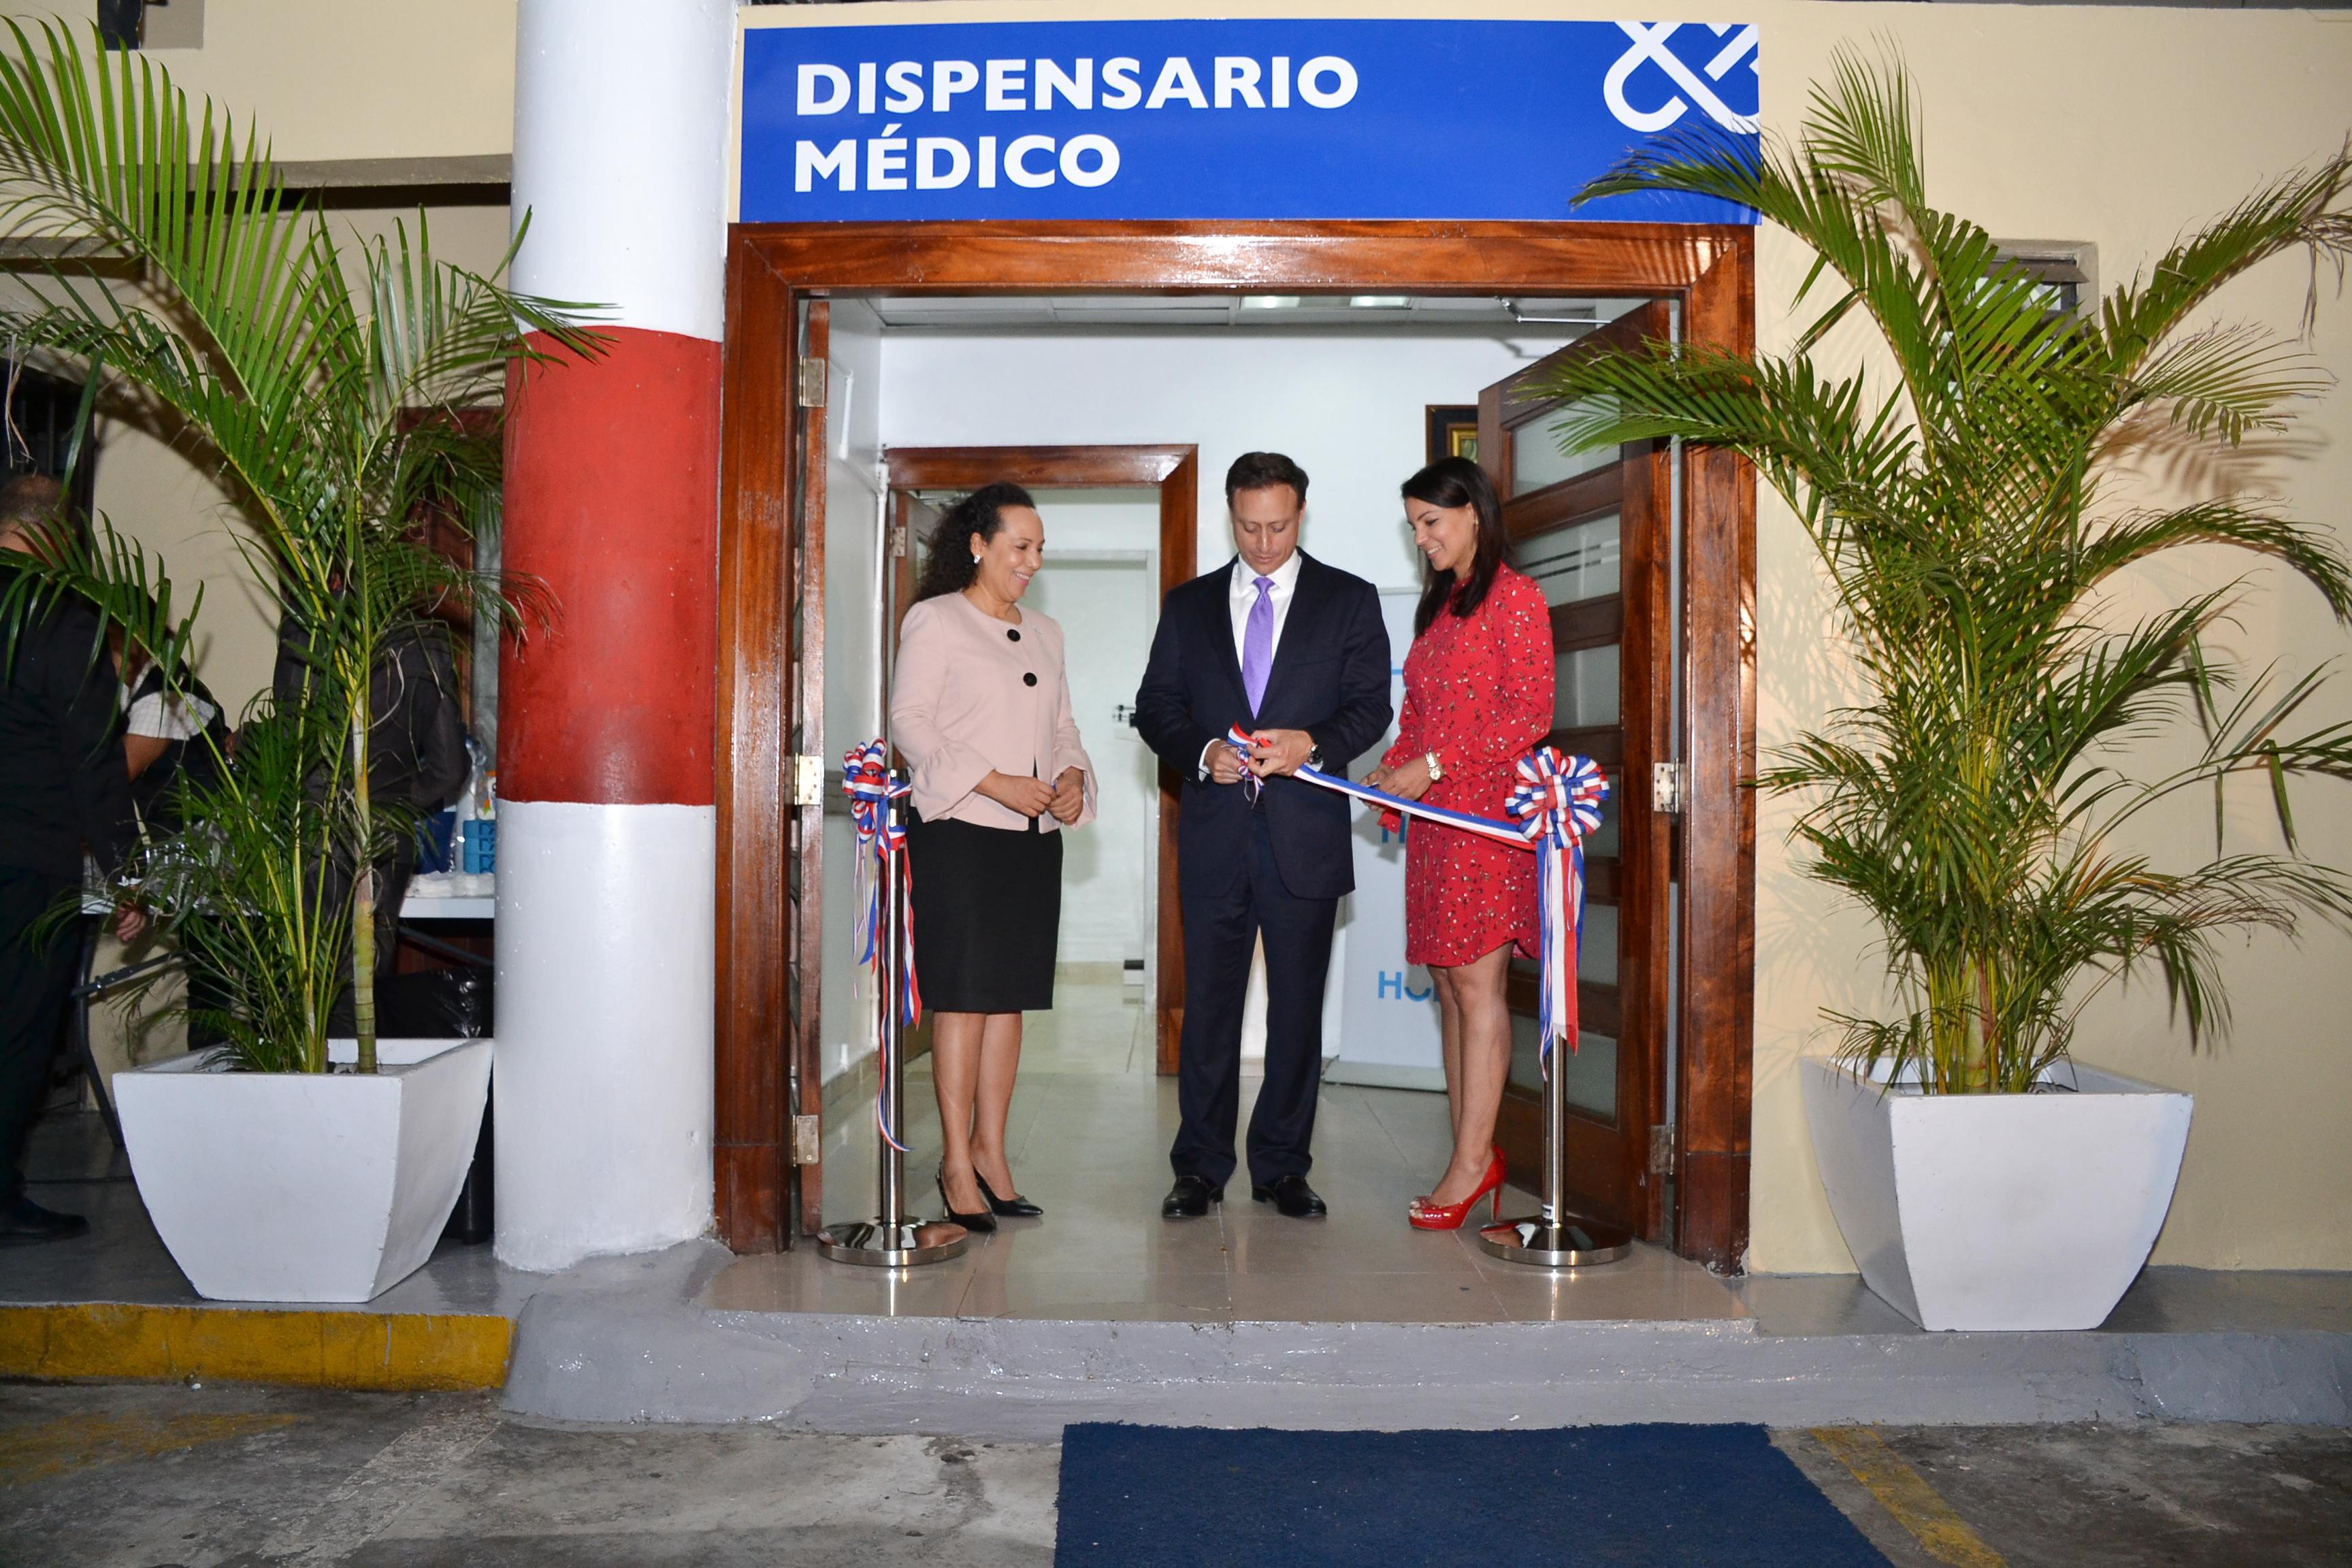 Procurador inaugura dispensario médico para empleados de la institución